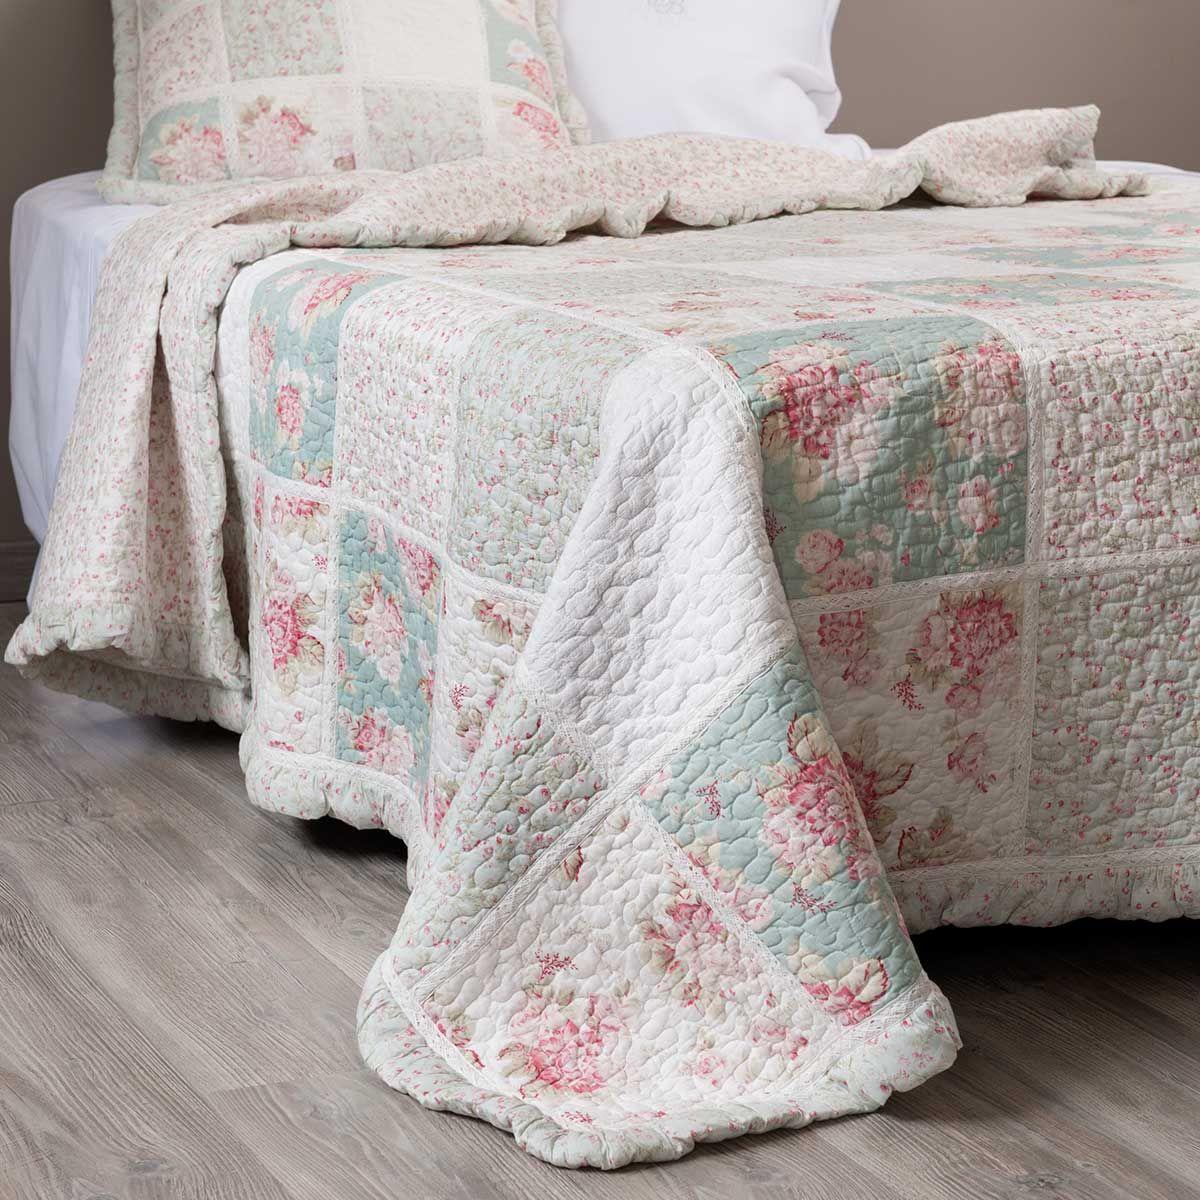 quilt gebl mt aus baumwolle 240 x 260 cm gr n rosa ideen rund ums haus pinterest. Black Bedroom Furniture Sets. Home Design Ideas